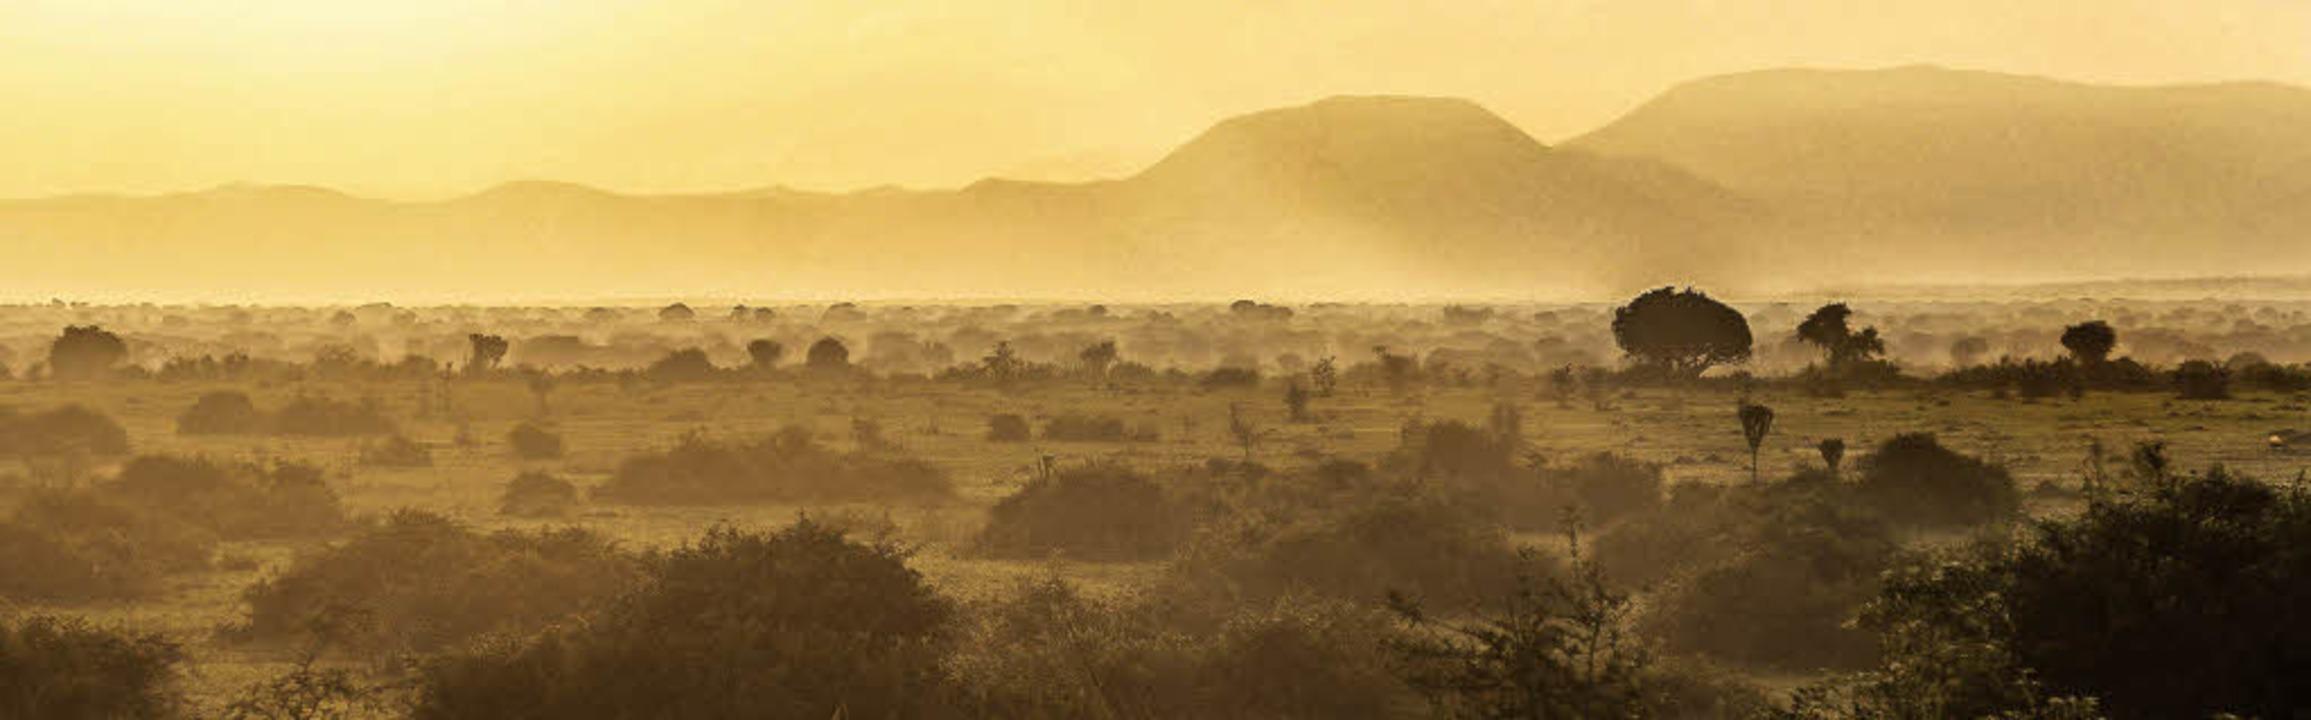 Morgenlicht in der Kasenyi-Ebene:Der ...r als viele andere Wildtierreservate.   | Foto: dpa